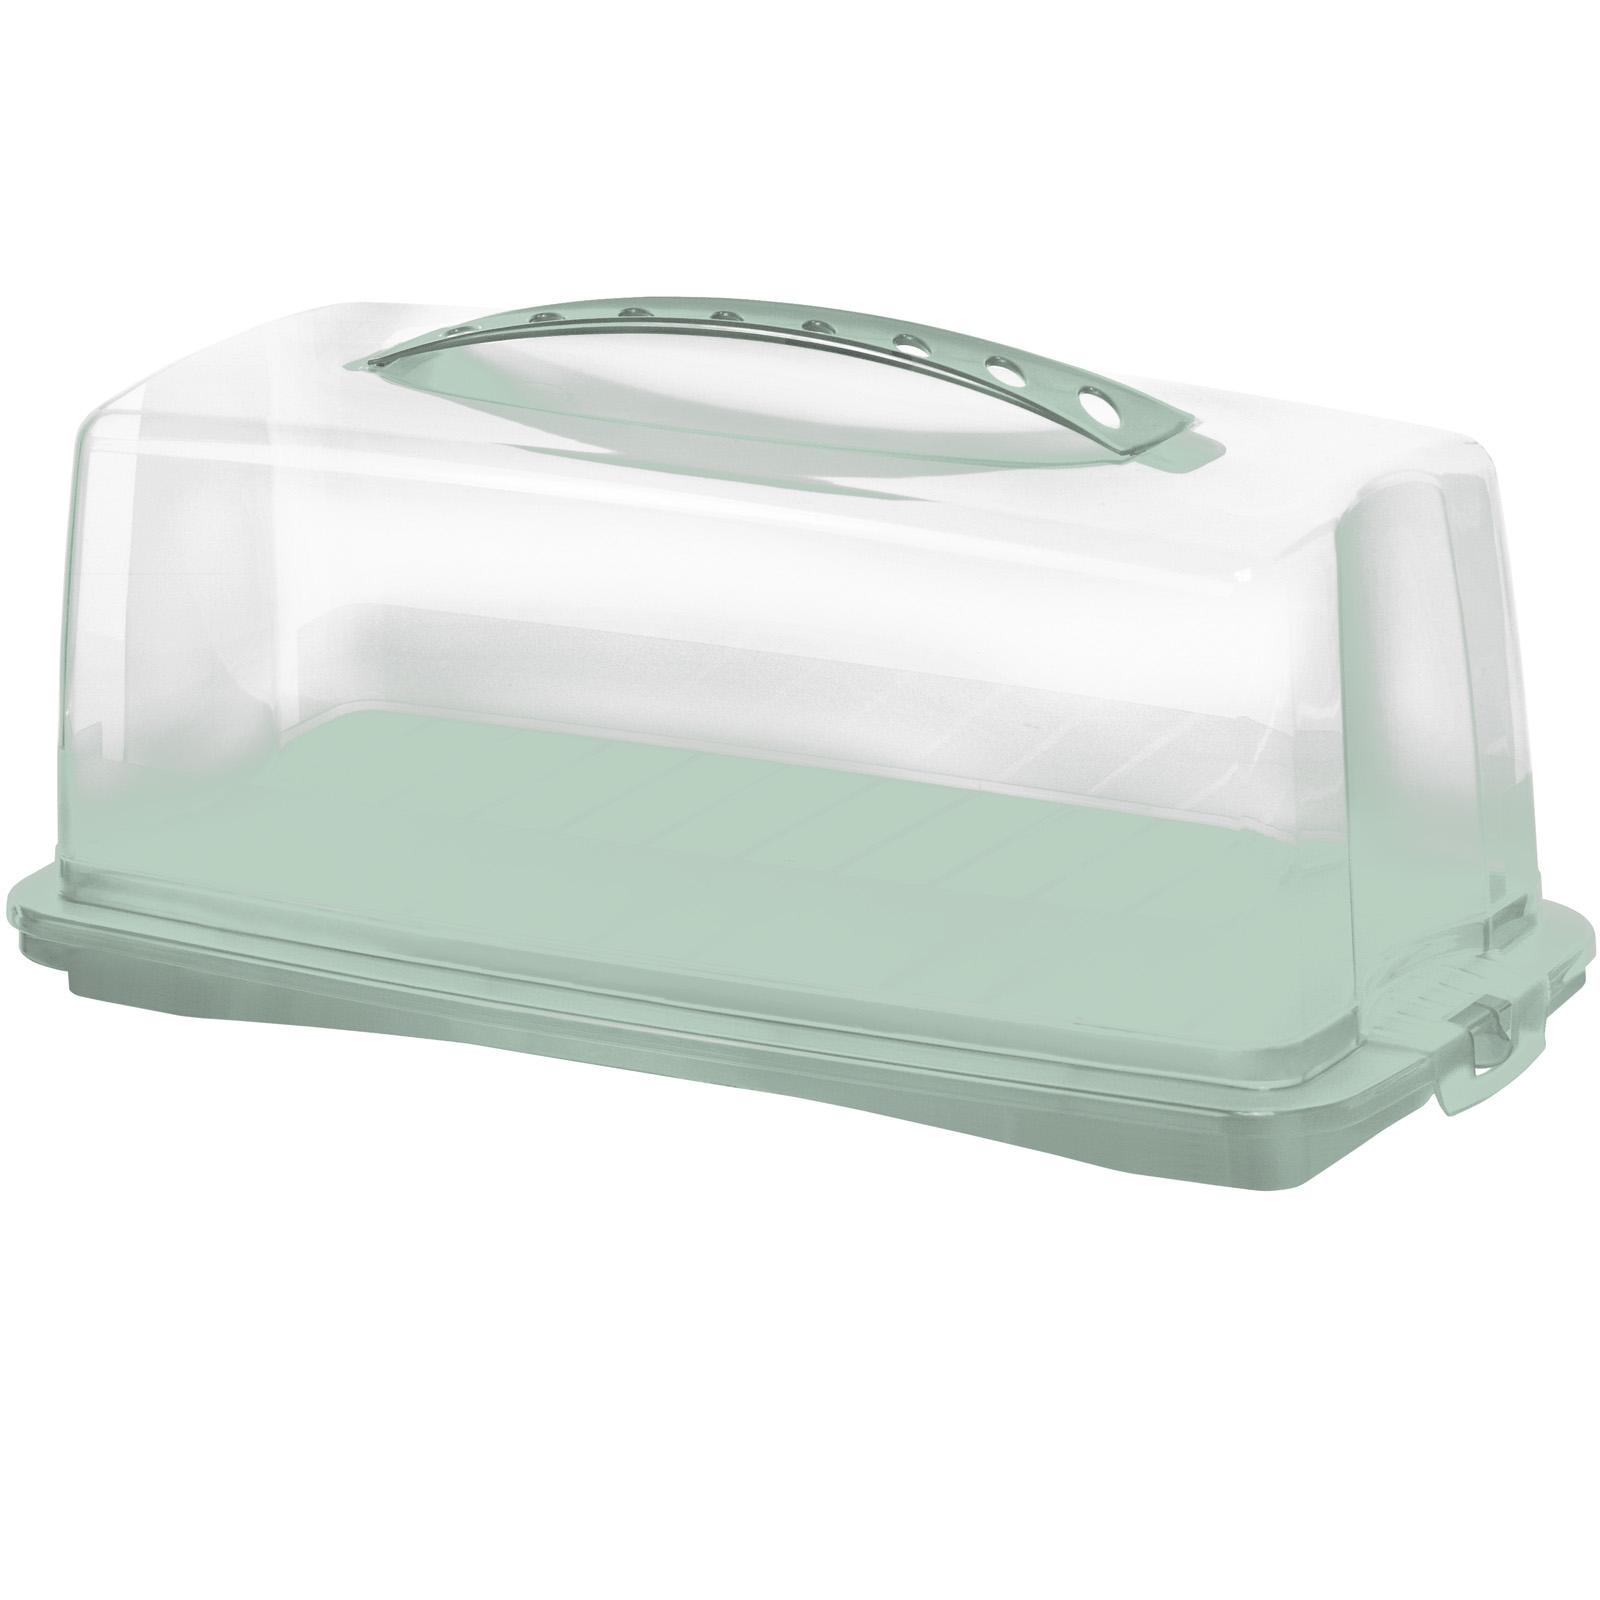 Kuchenbehälter FRESH